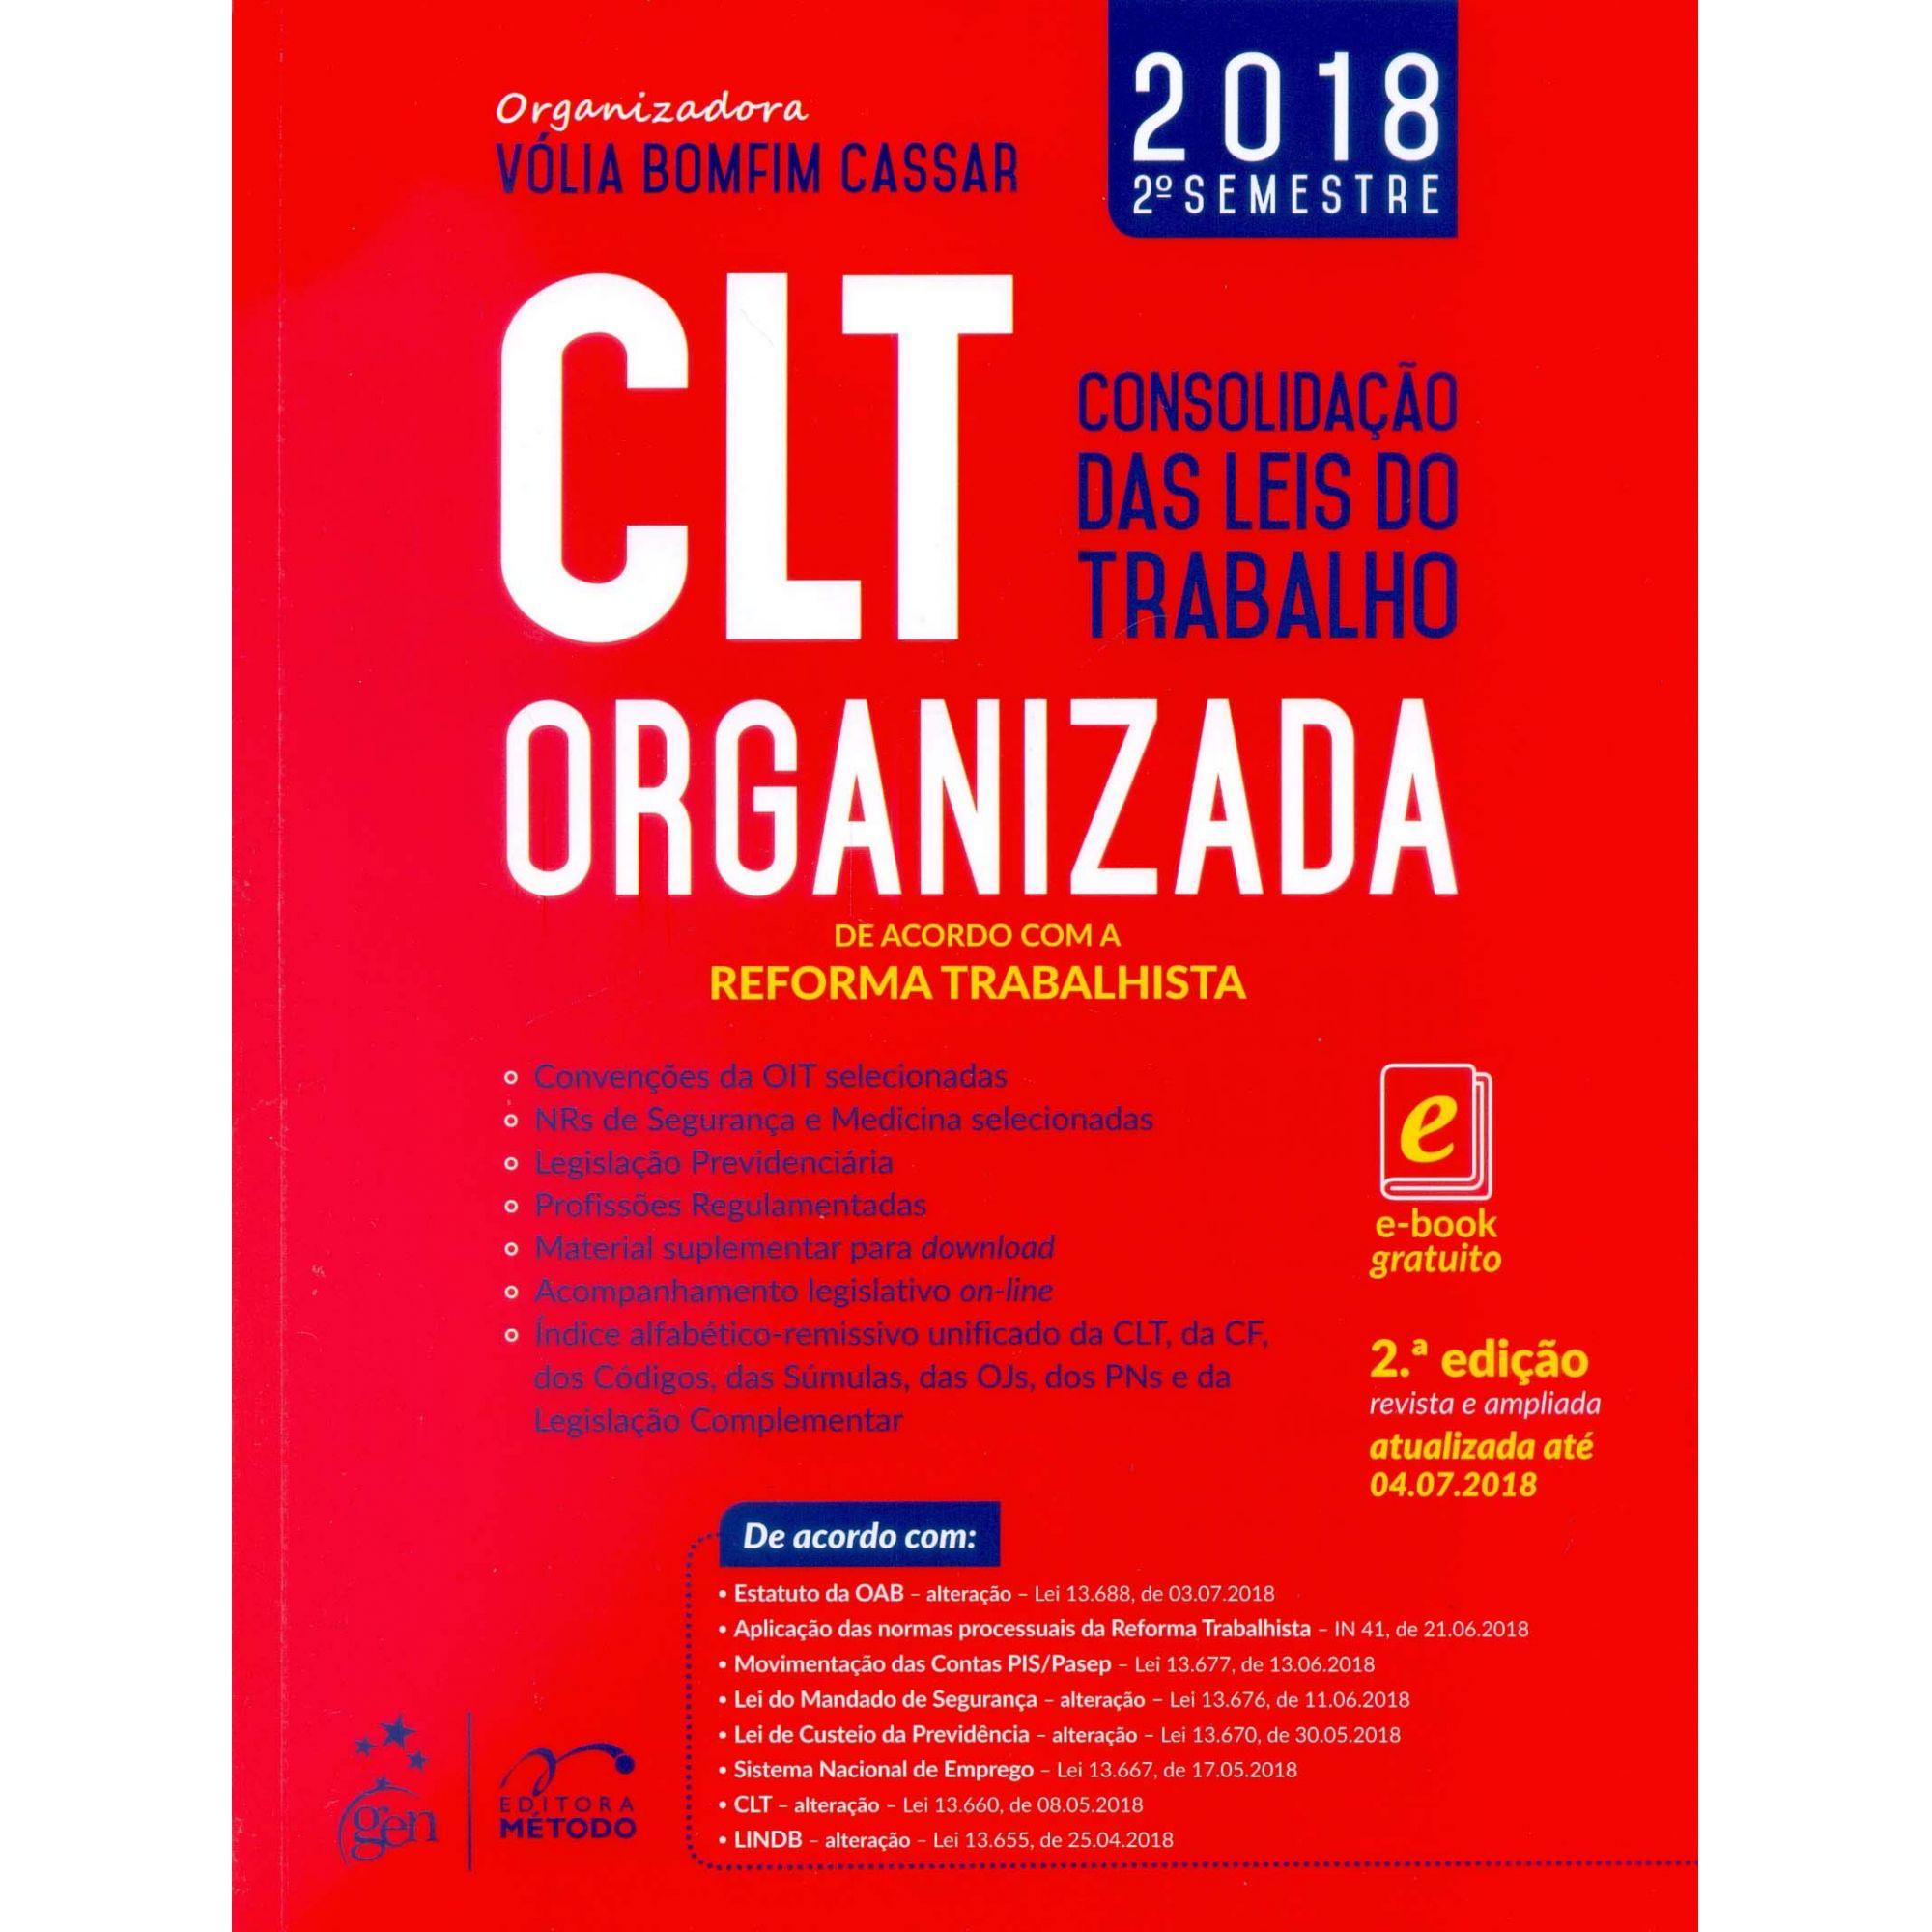 CLT Organizada - Consolidação das Leis do Trabalho - 2ª Edição